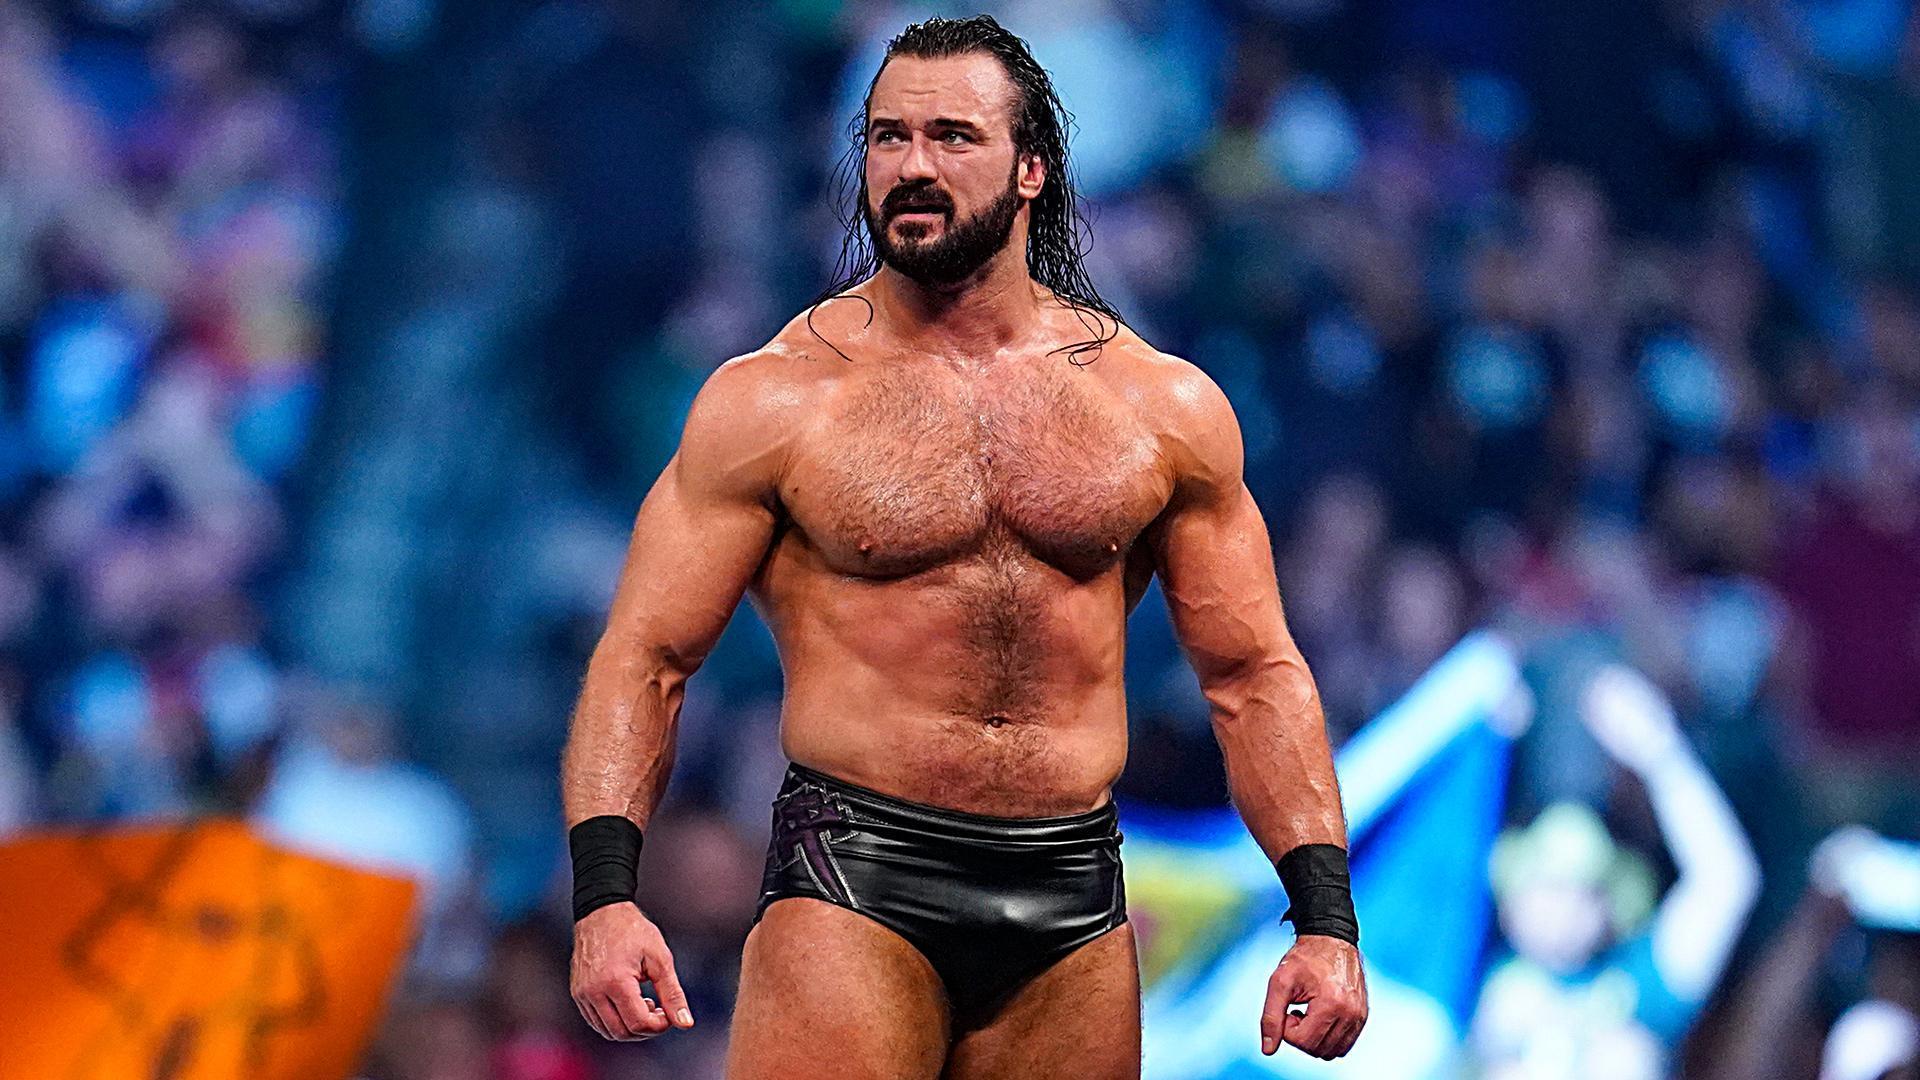 Drew WWE 2K22